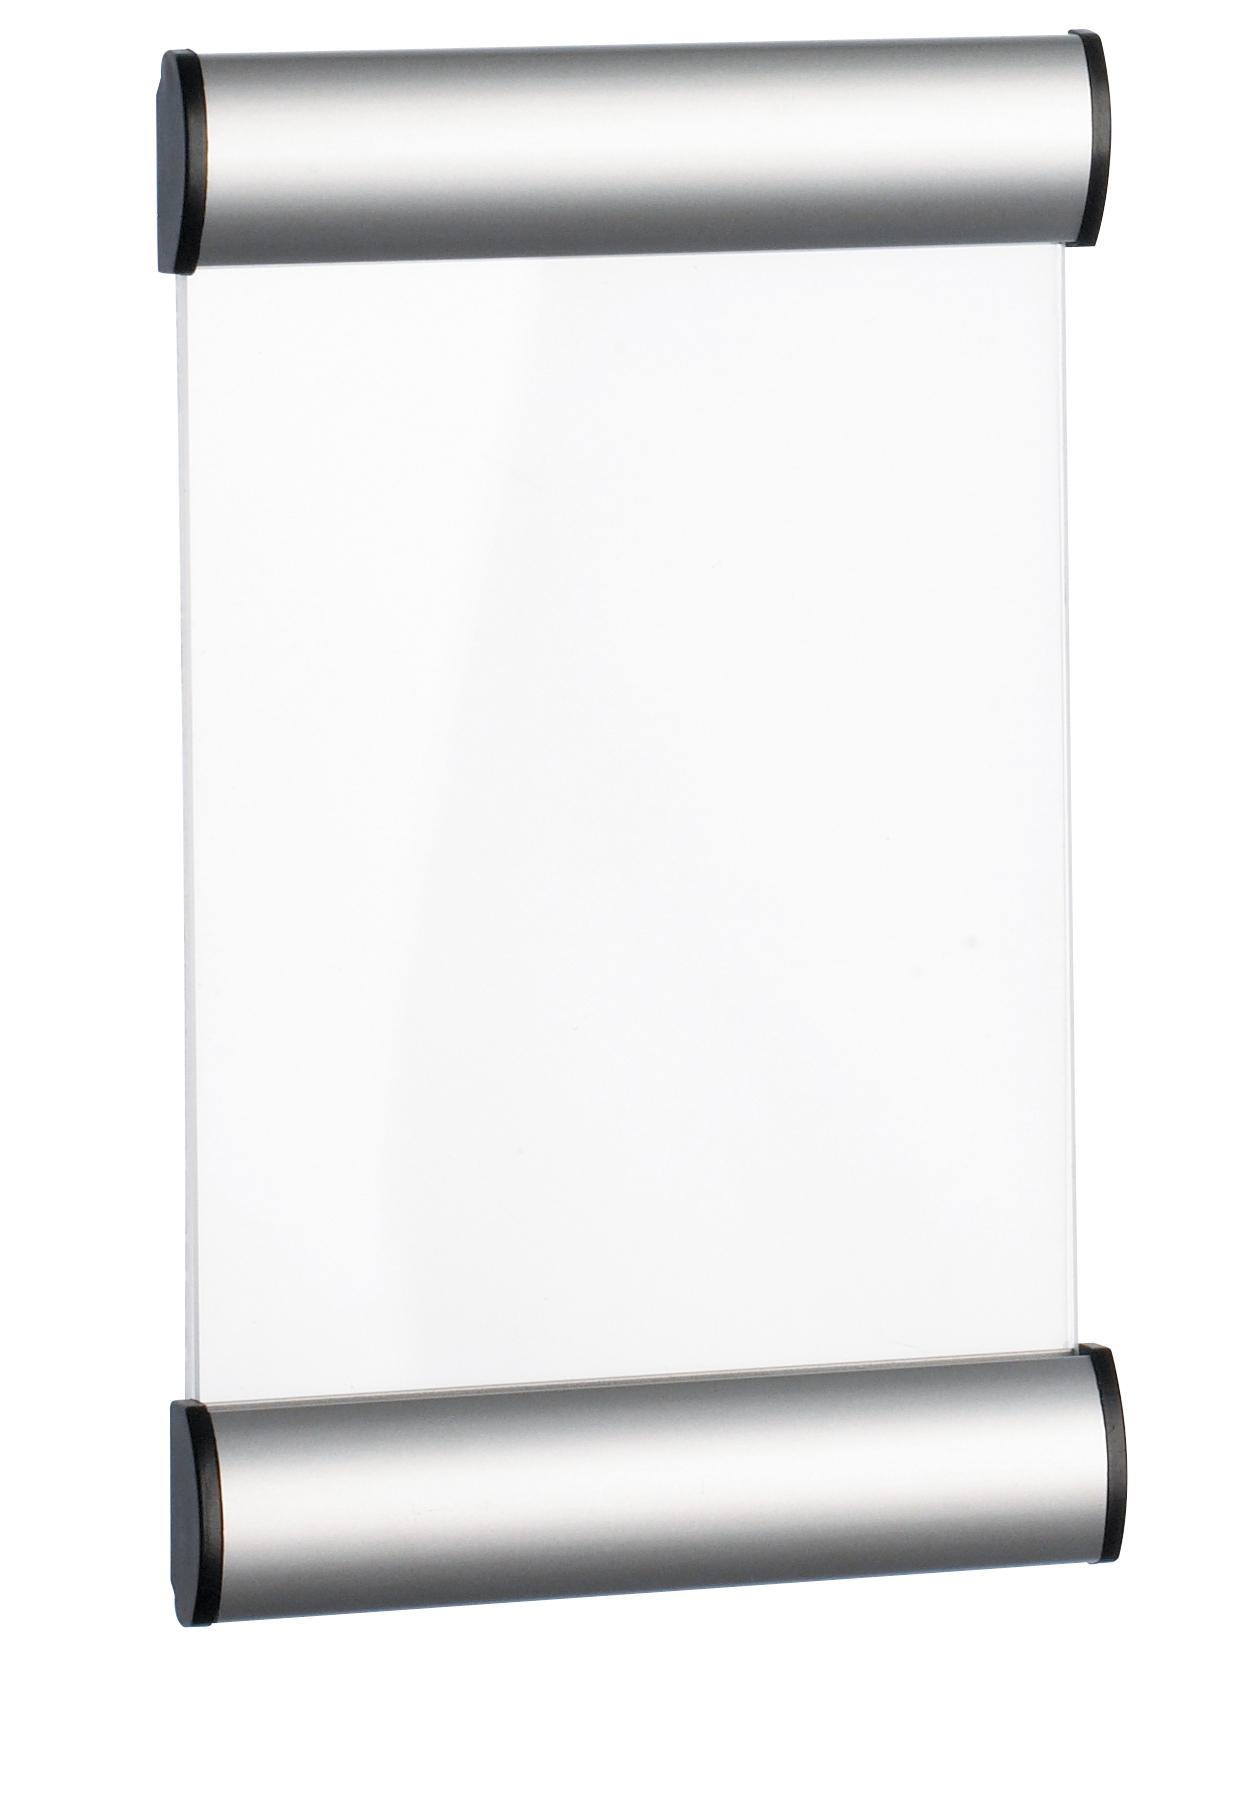 Suport metalic pentru nume, pentru semnalizare usa, 18 x 11 cm, Alco